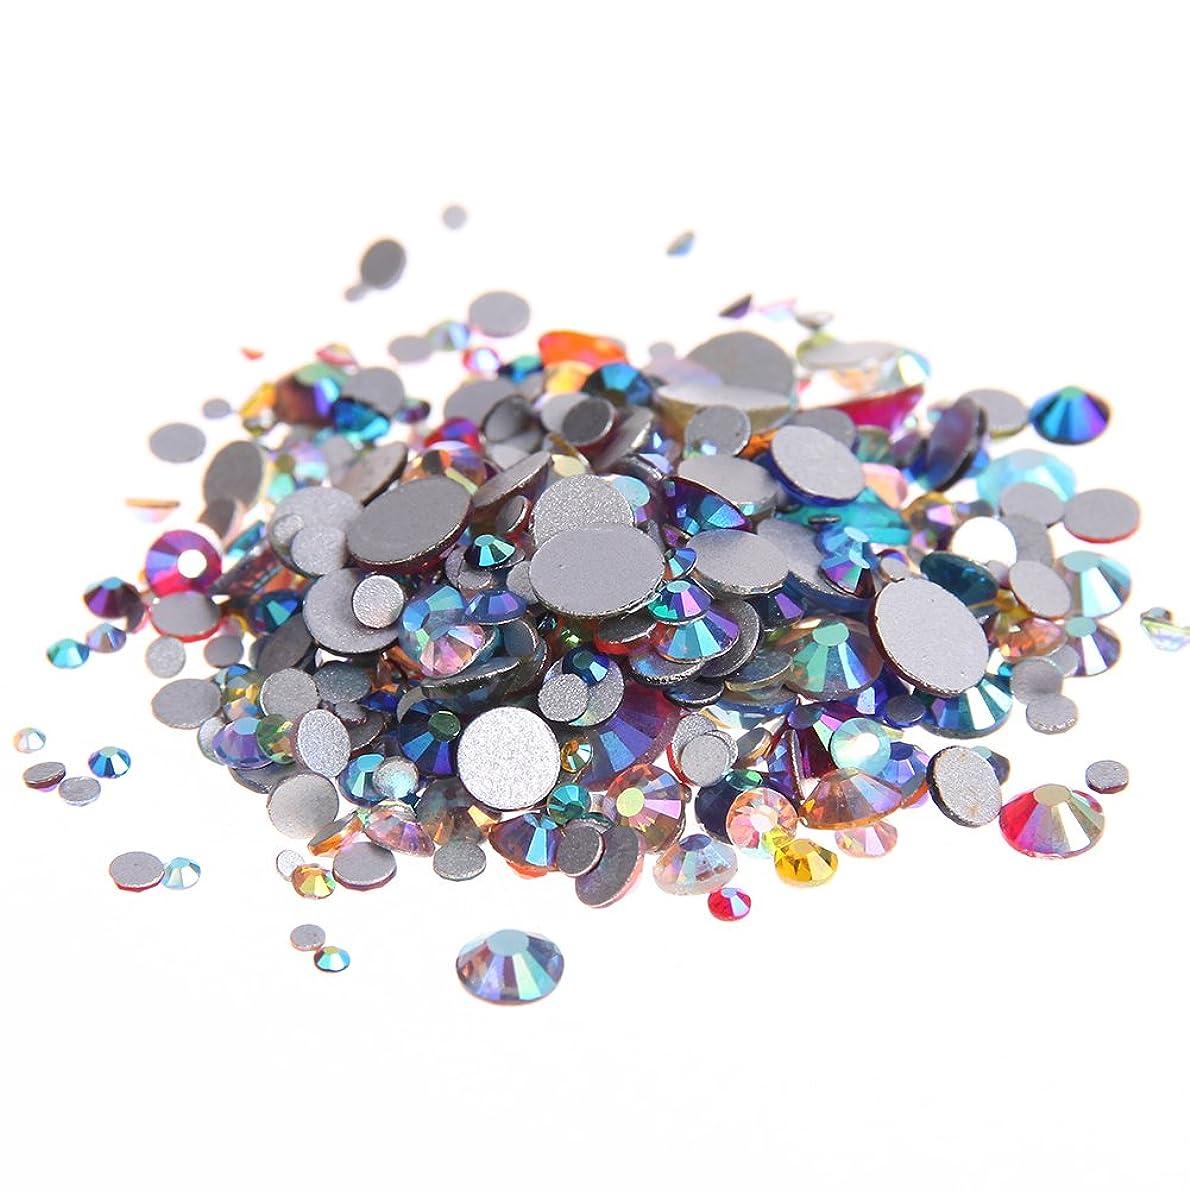 確立しますマラウイリーンNizi ジュエリー ブランド 混合ABの色 ラインストーン はガラスの材質 ネイル使用 型番ss3-ss30 (混合サイズ 1000pcs)